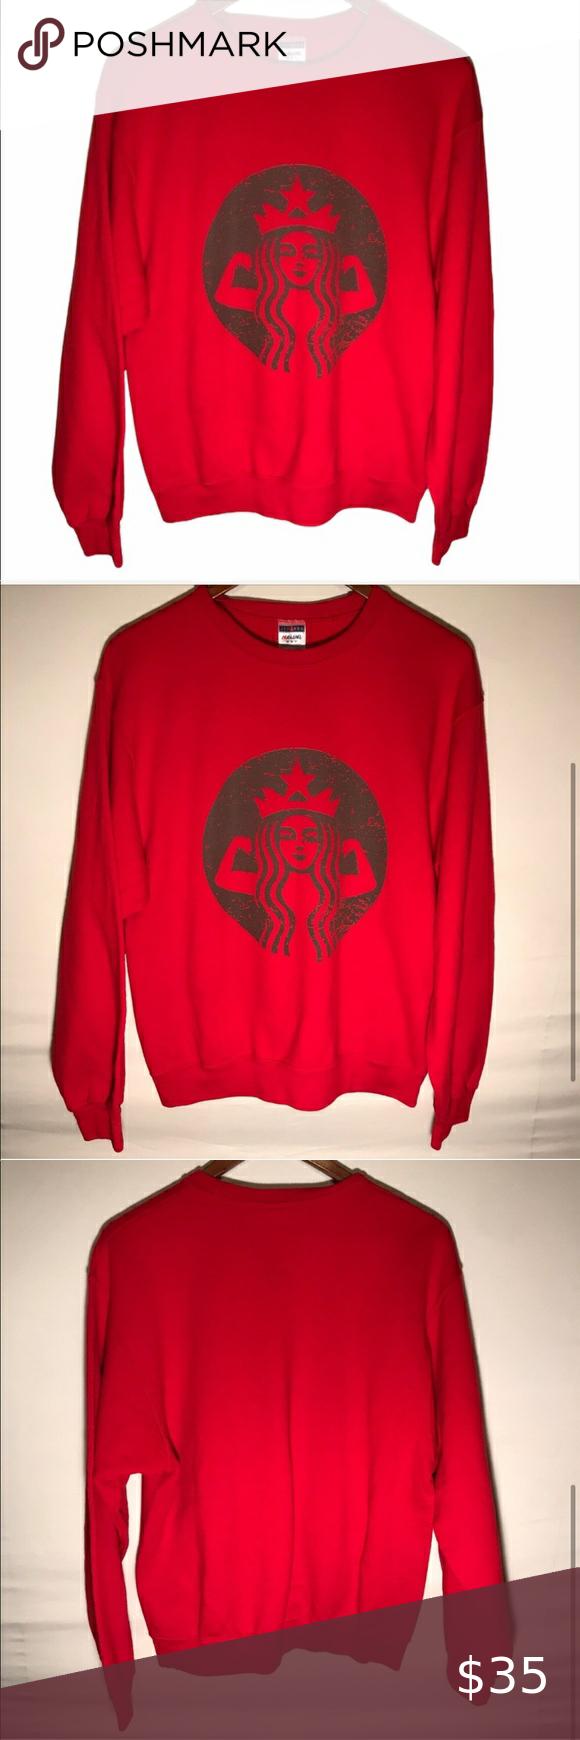 Women S Starbucks Logo Red Crewneck Sweatshirt In 2021 Sweatshirts Starbucks Logo Crew Neck Sweatshirt [ 1740 x 580 Pixel ]